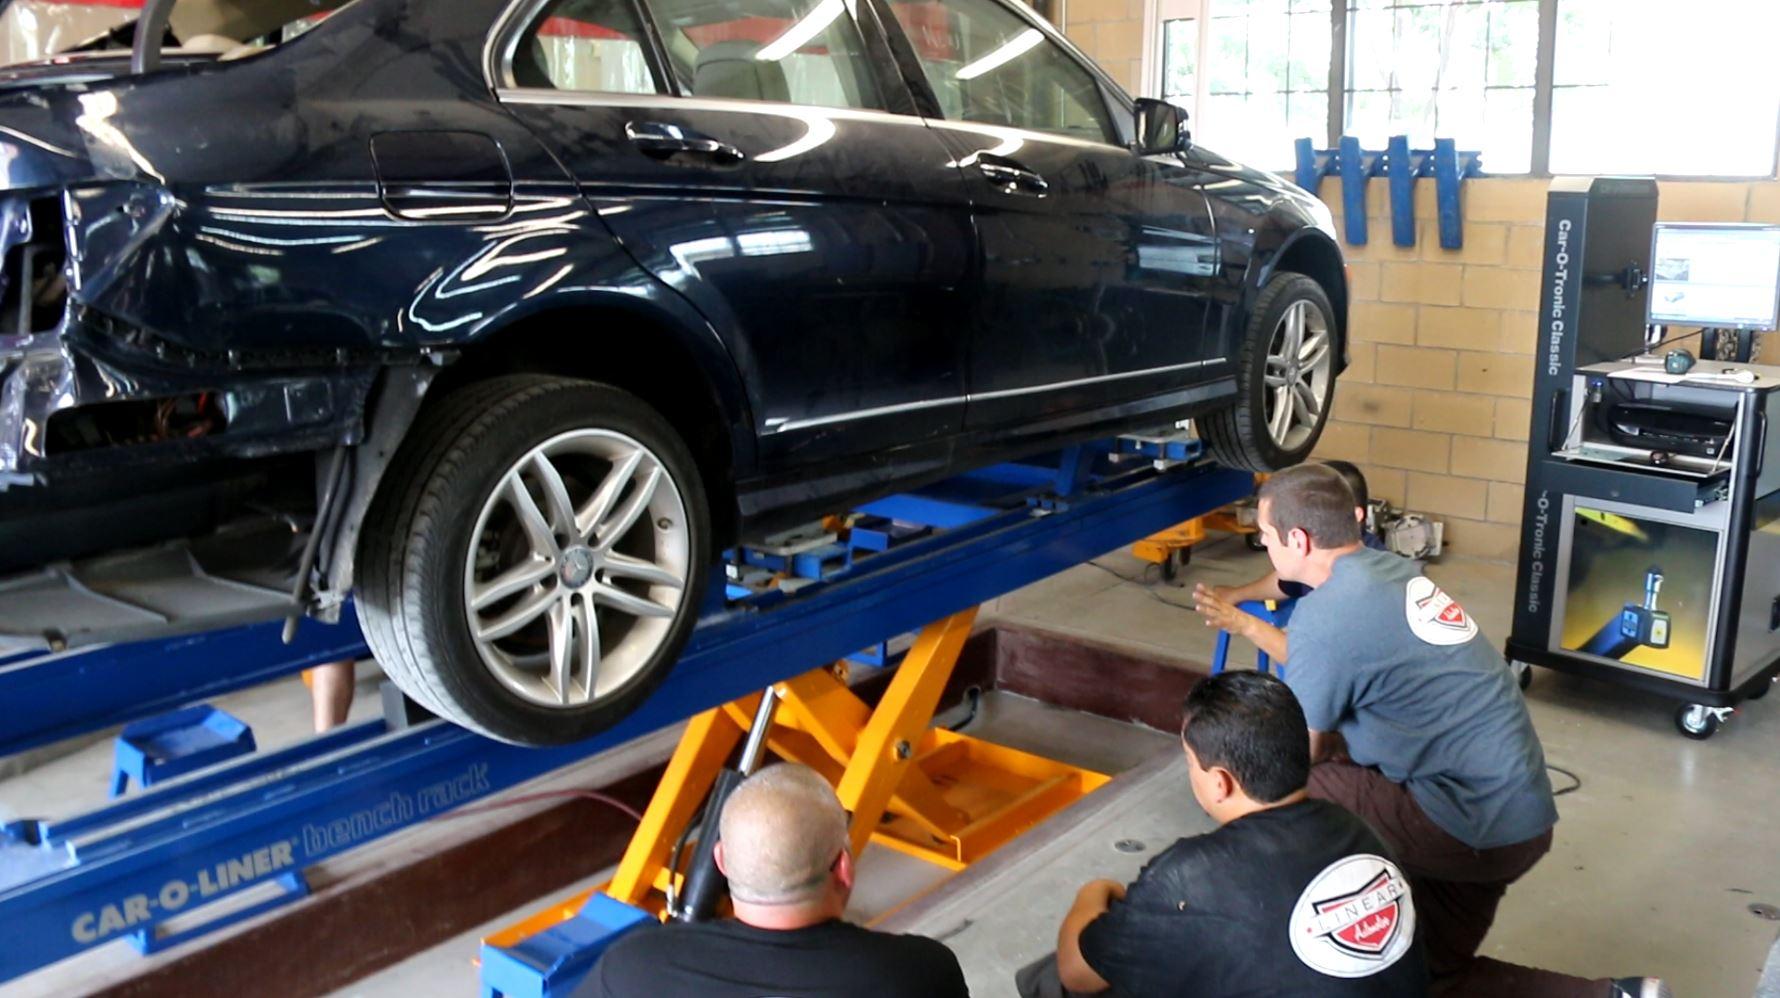 automotive-frame-straightening-service-in-plano-allen-richardson ...